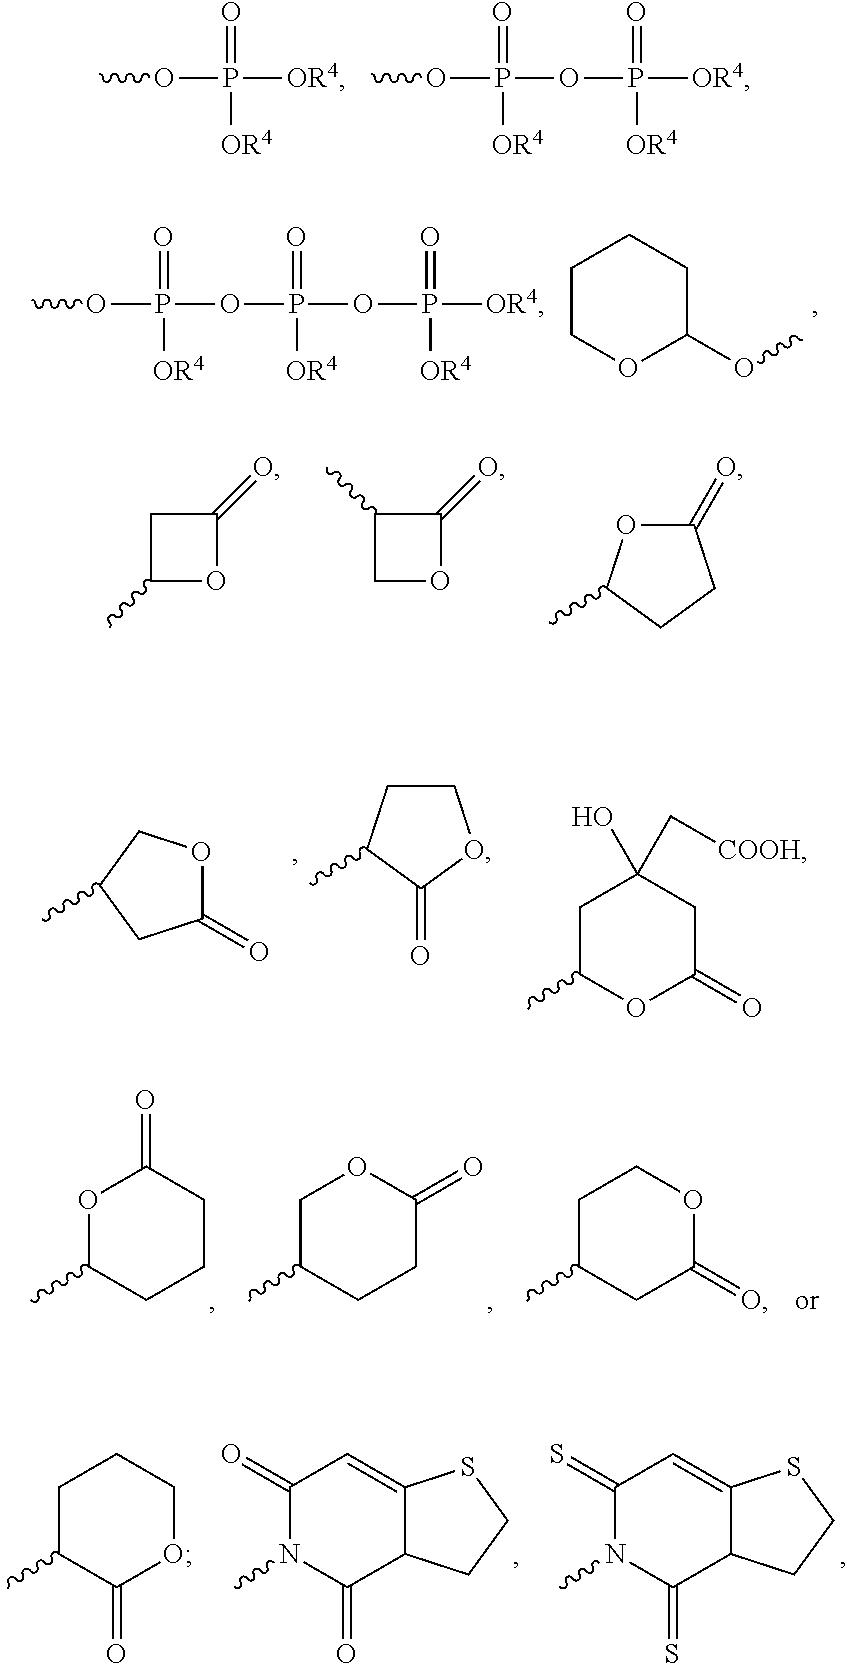 Figure US09662307-20170530-C00039